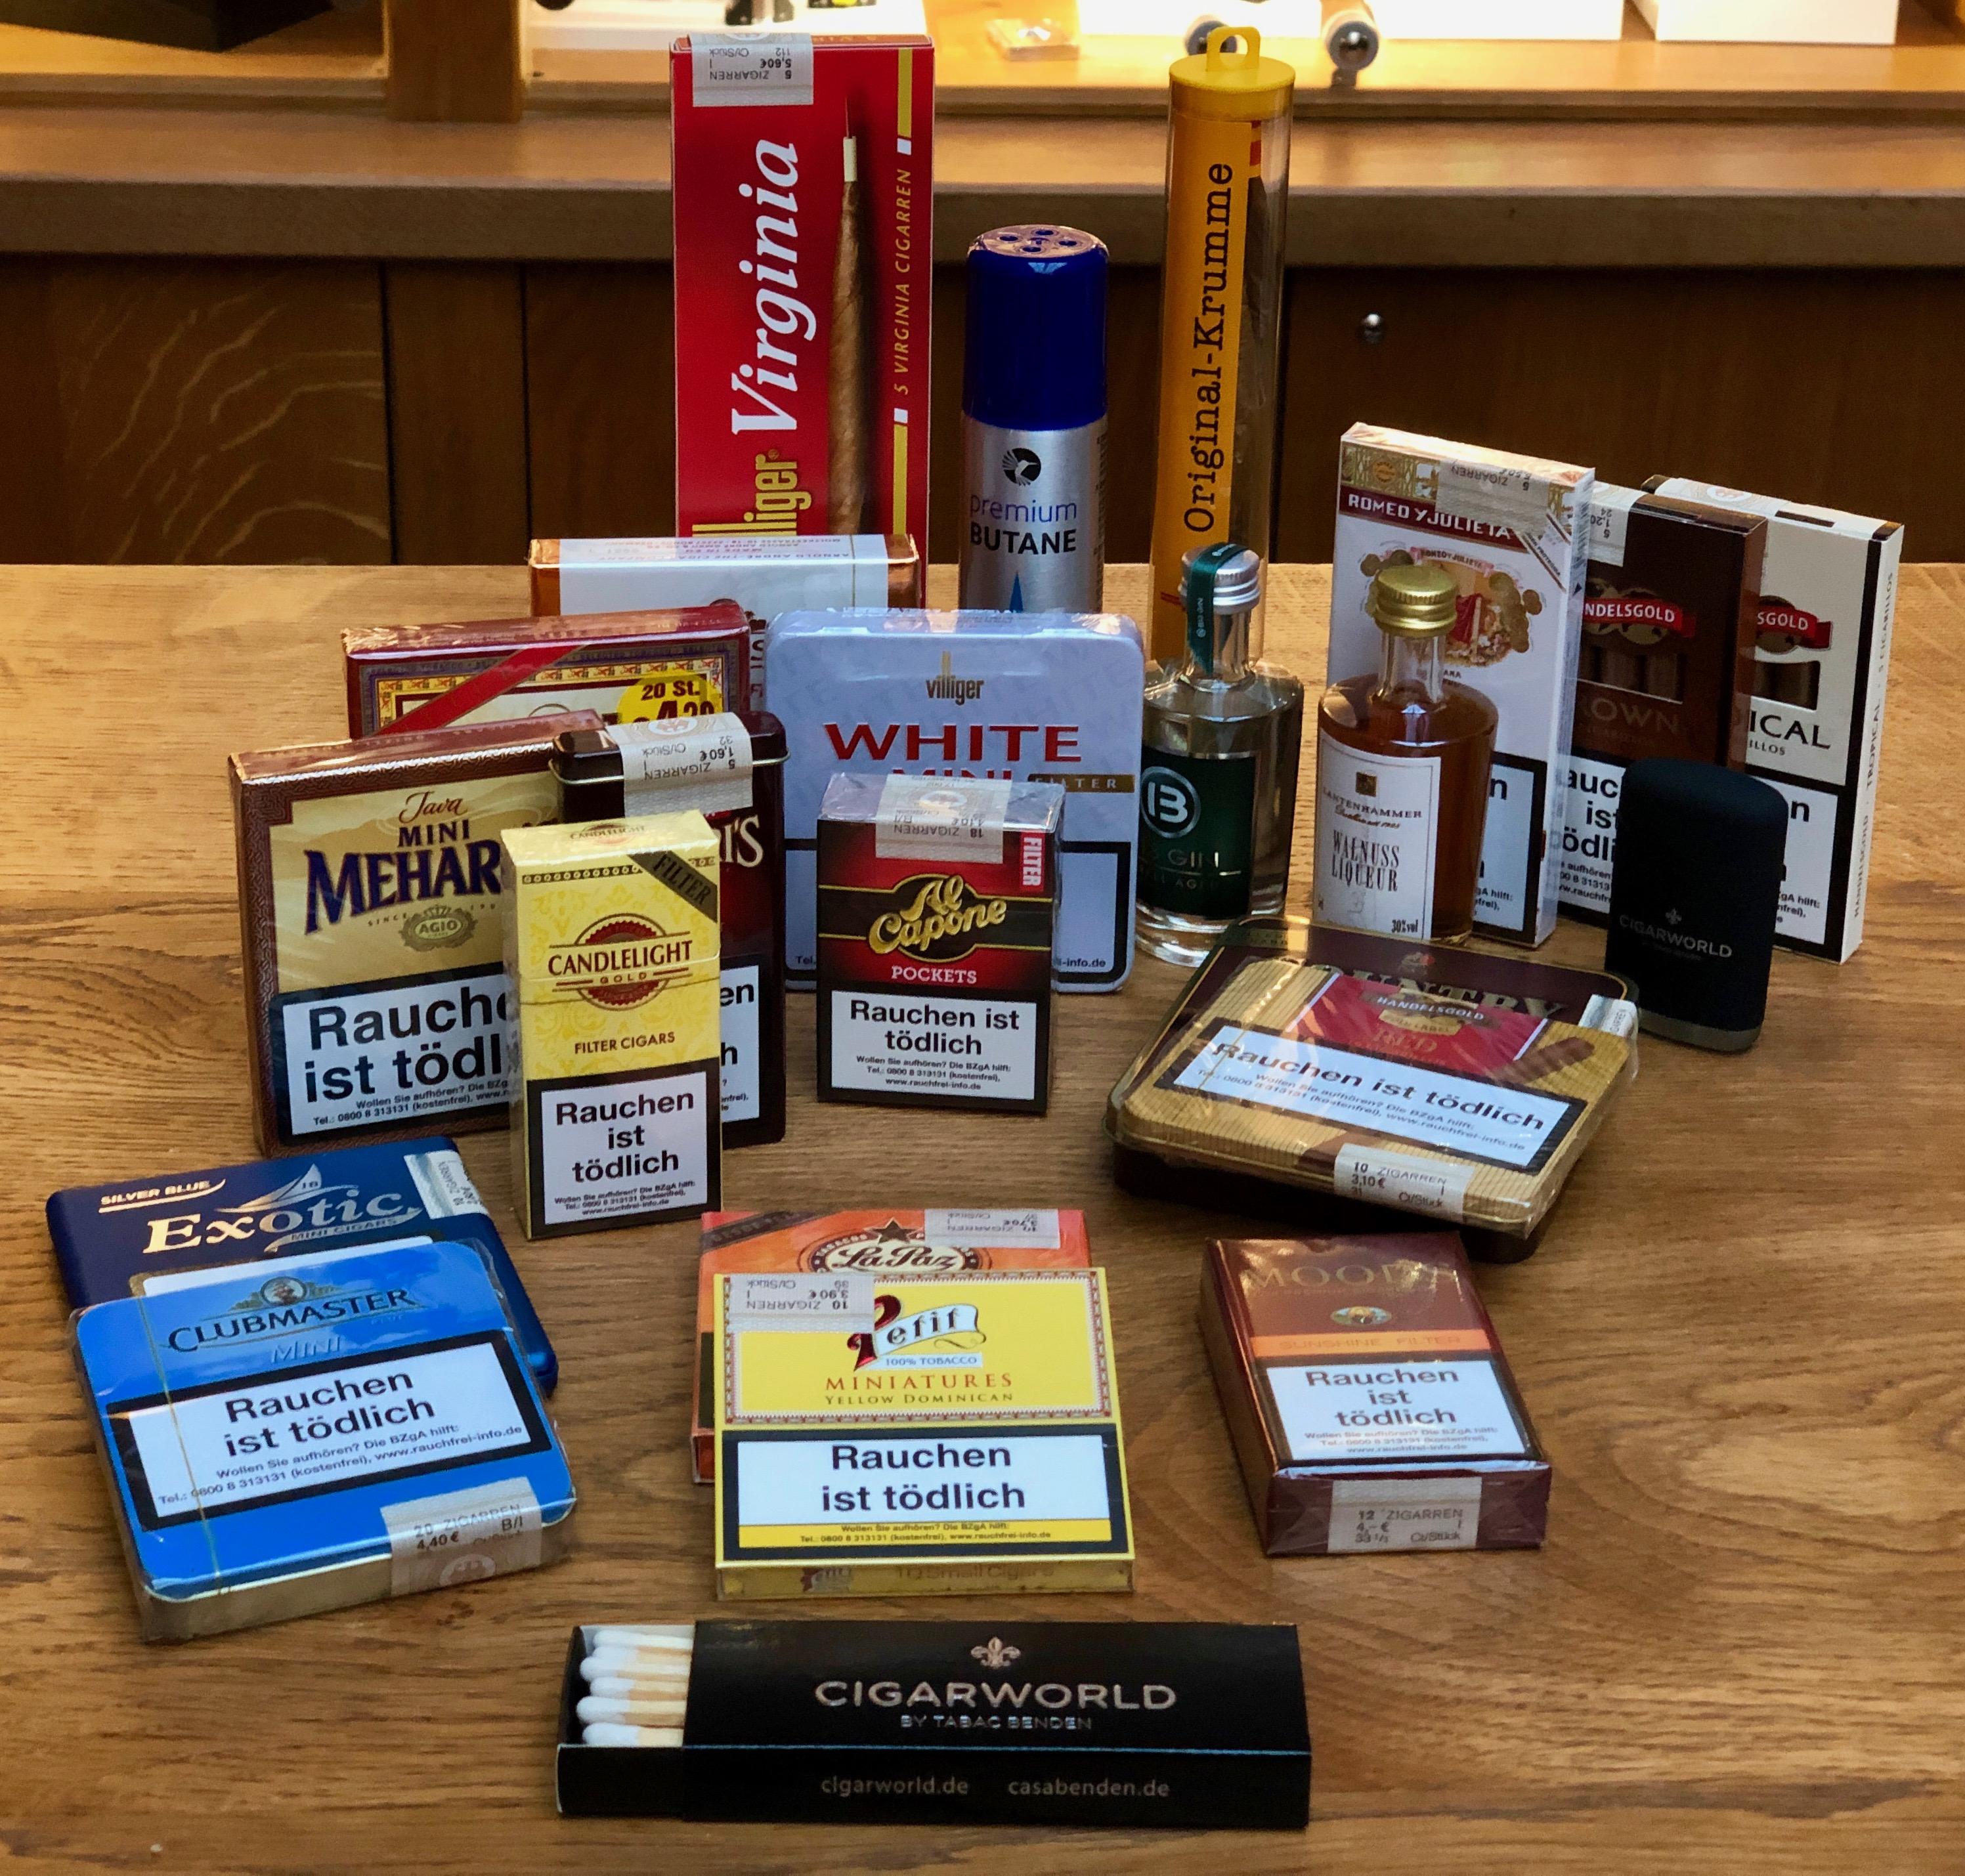 Cigarworld Adventskalender Zigarillos